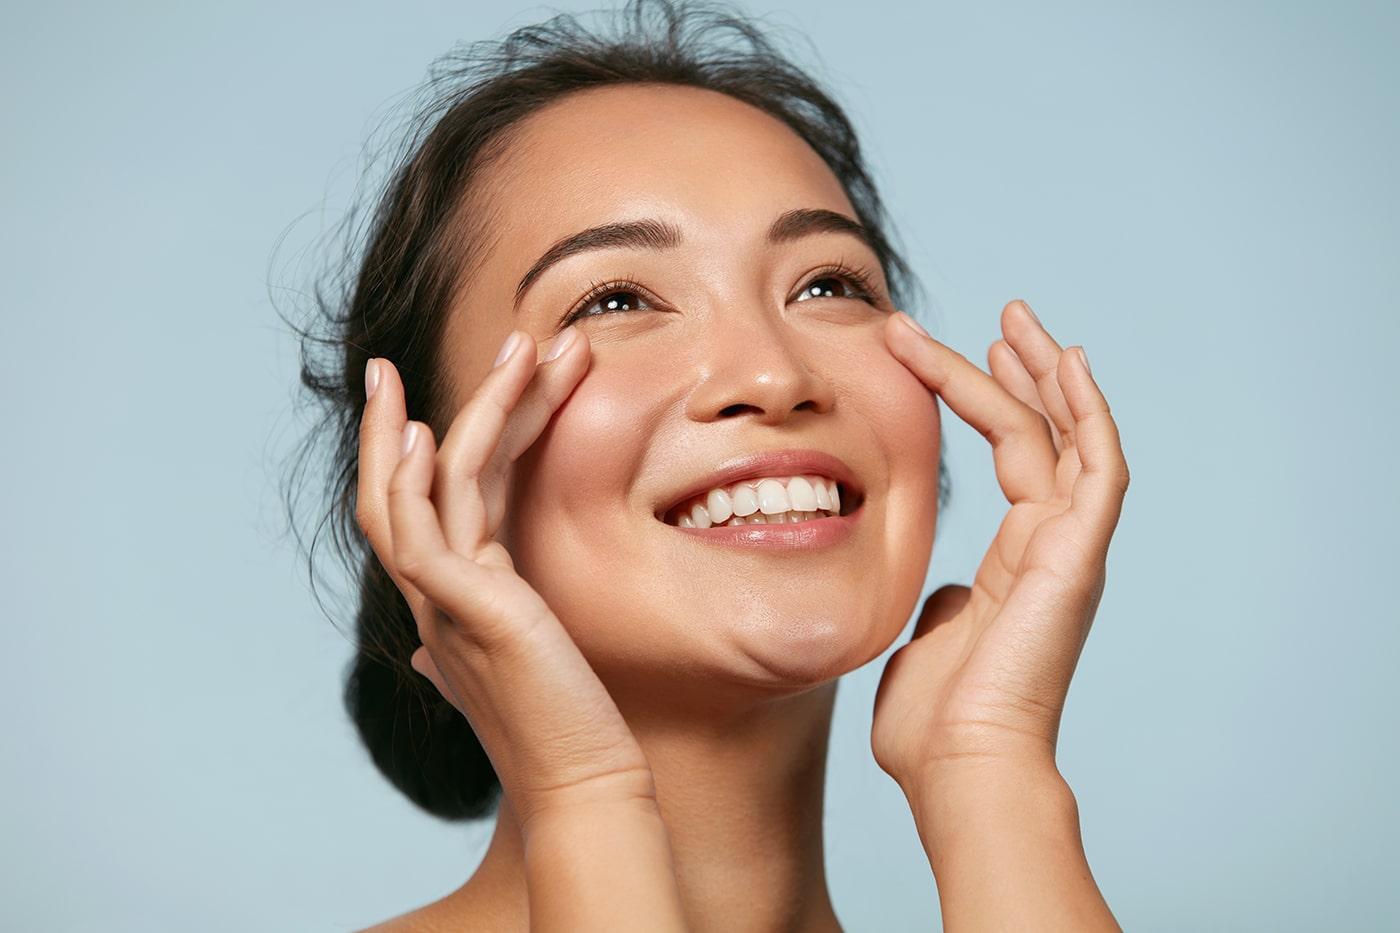 La importancia de hidratar la piel en verano